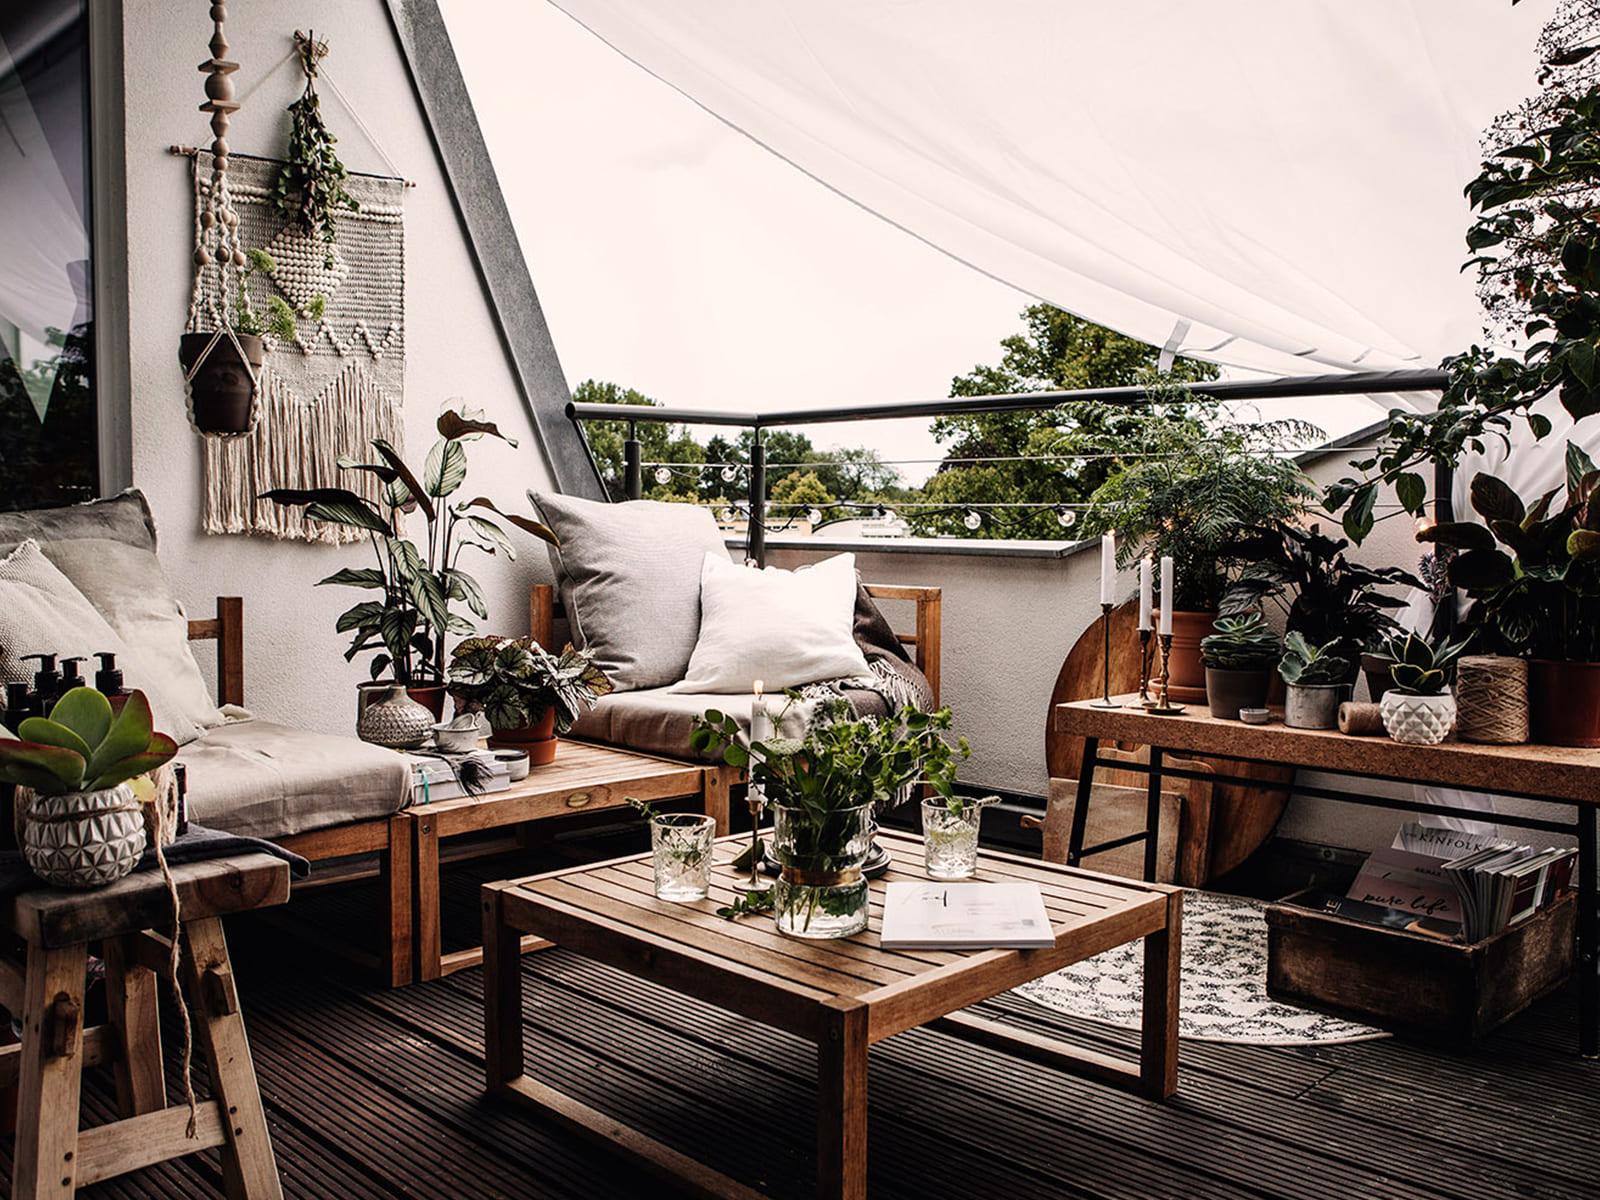 blog-vegetacion-decoracion-terrazas-balcones-13_HIDROJARDIN-Bañeres